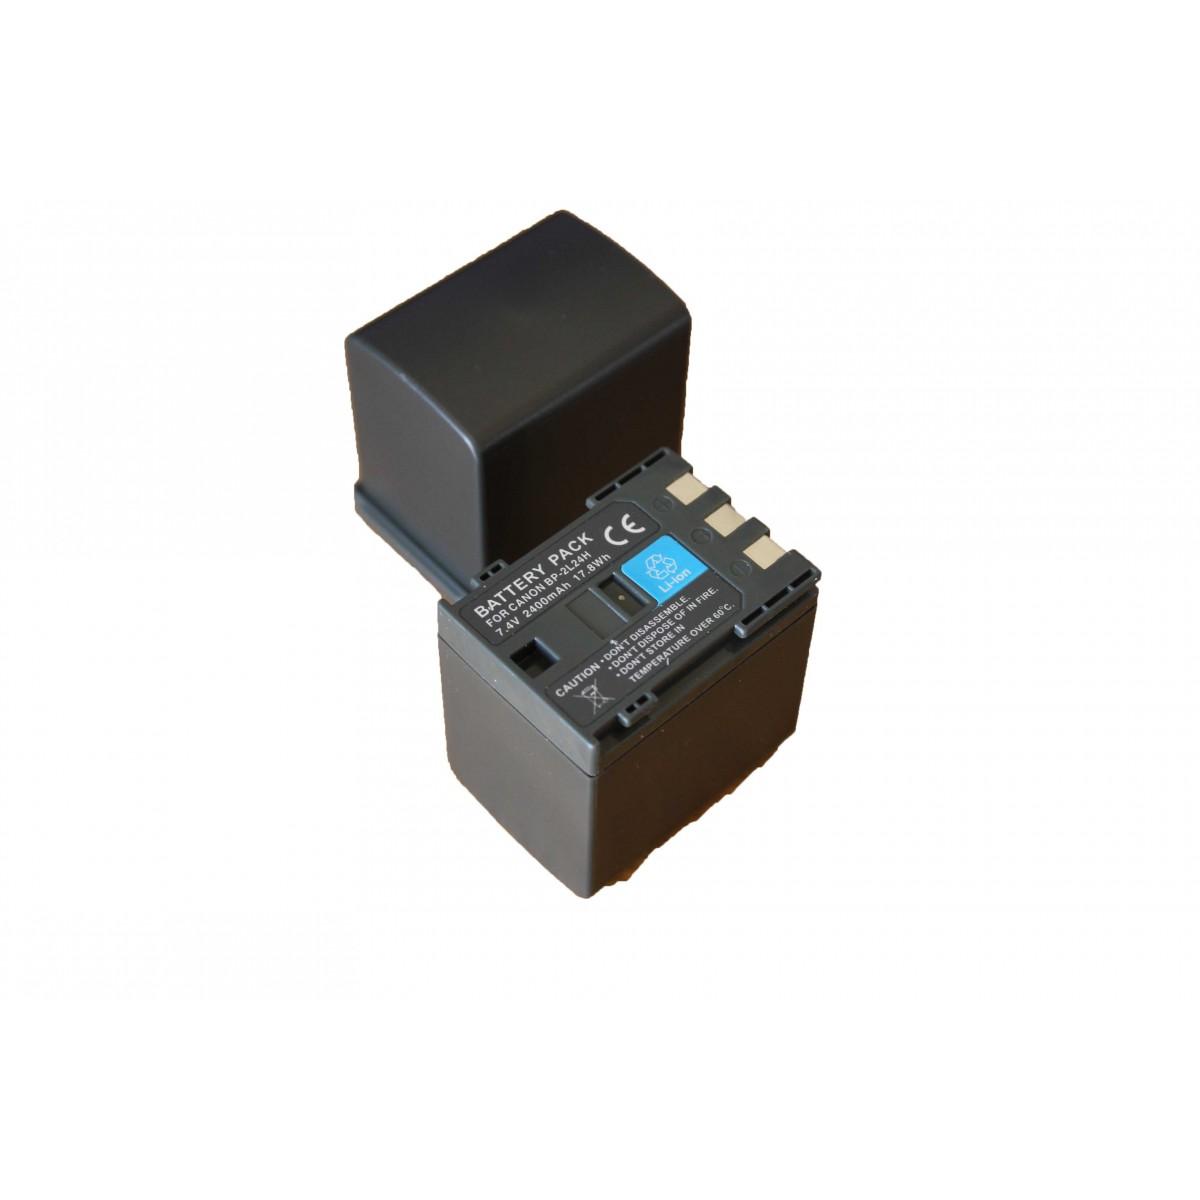 Bateria BP-2L24h 2400mAh para câmera digital e filmadora Canon DC310, Elura 90, Vixia HG10, MD120, Optura 30, ZR100